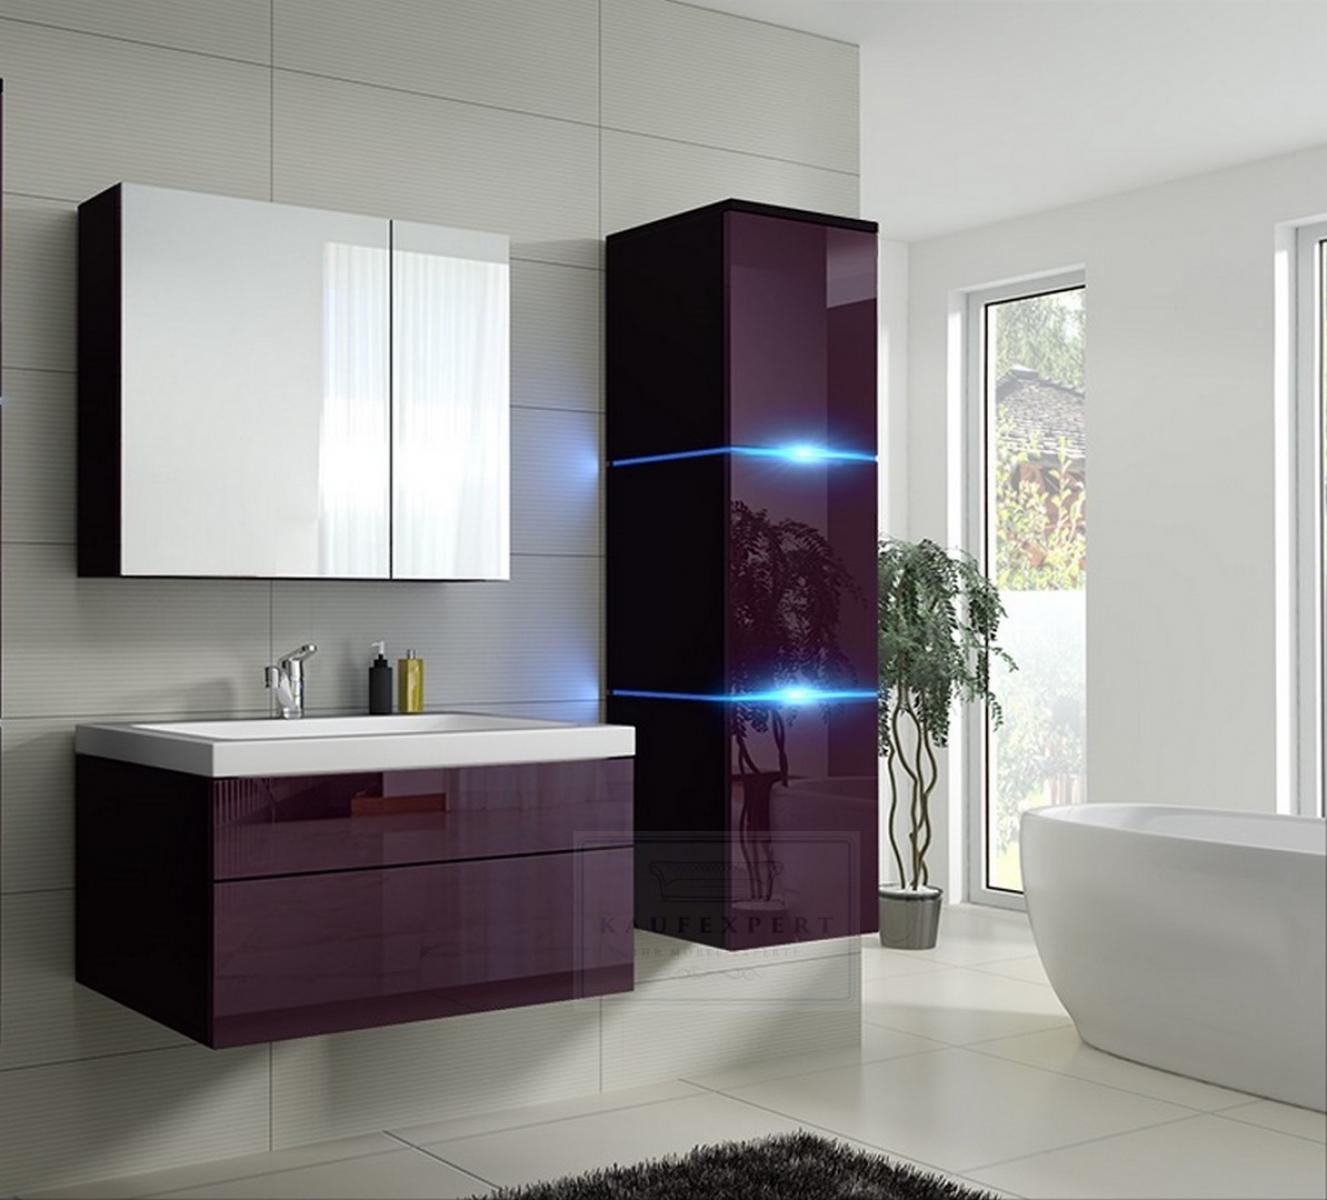 Badmöbel-Set Lux 1 NEW Aubergine Hochglanz/Schwarz KERAMIK Waschbecken  Badezimmer Led Beleuchtung Badezimmermöbel Keramikbecken